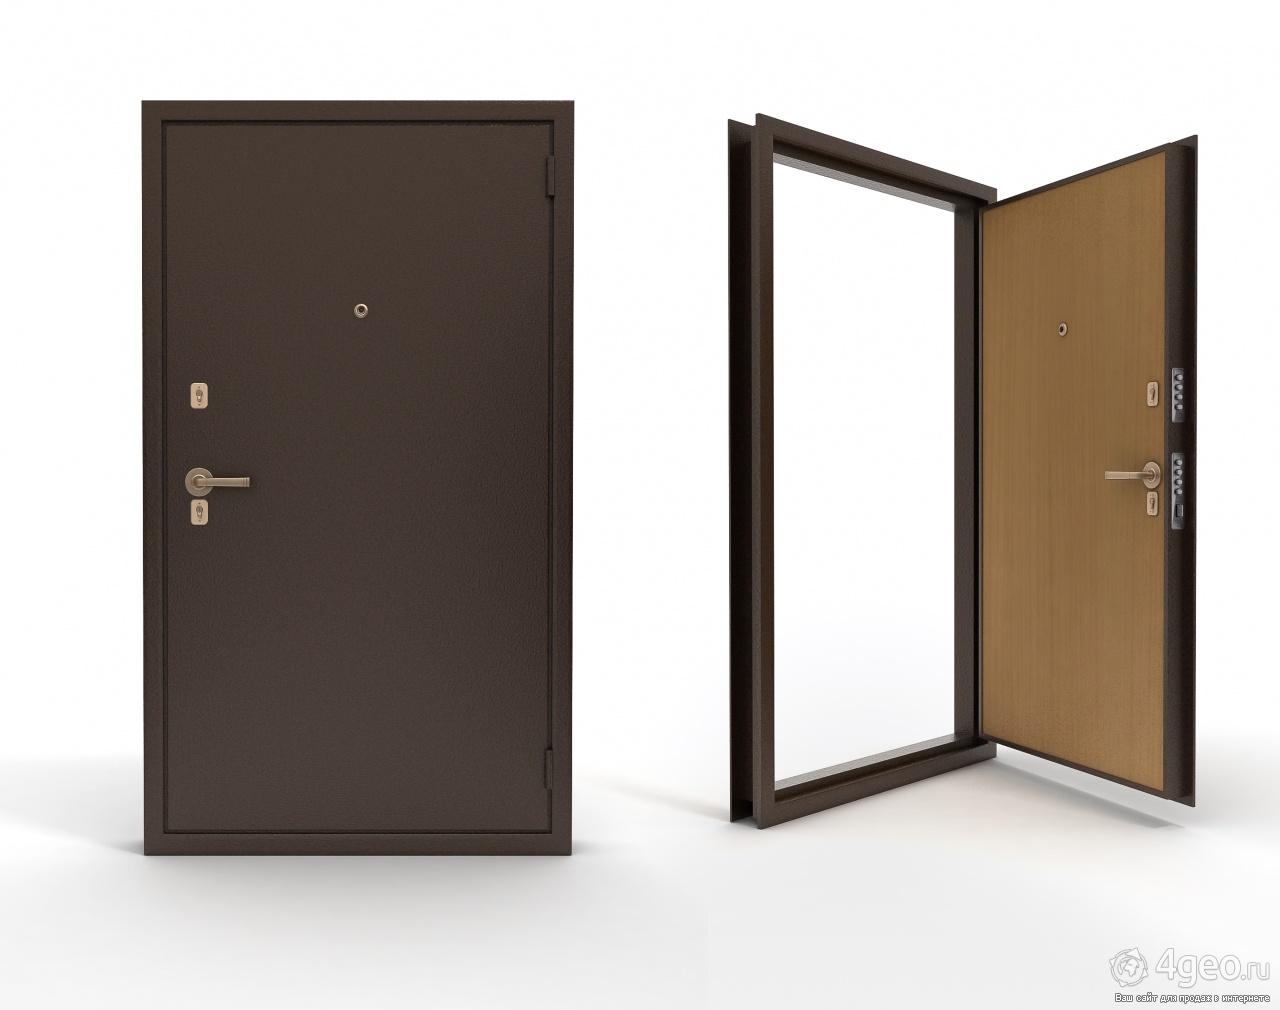 коллекционные фото металлических дверей открывающихся внутрь дорога только красива